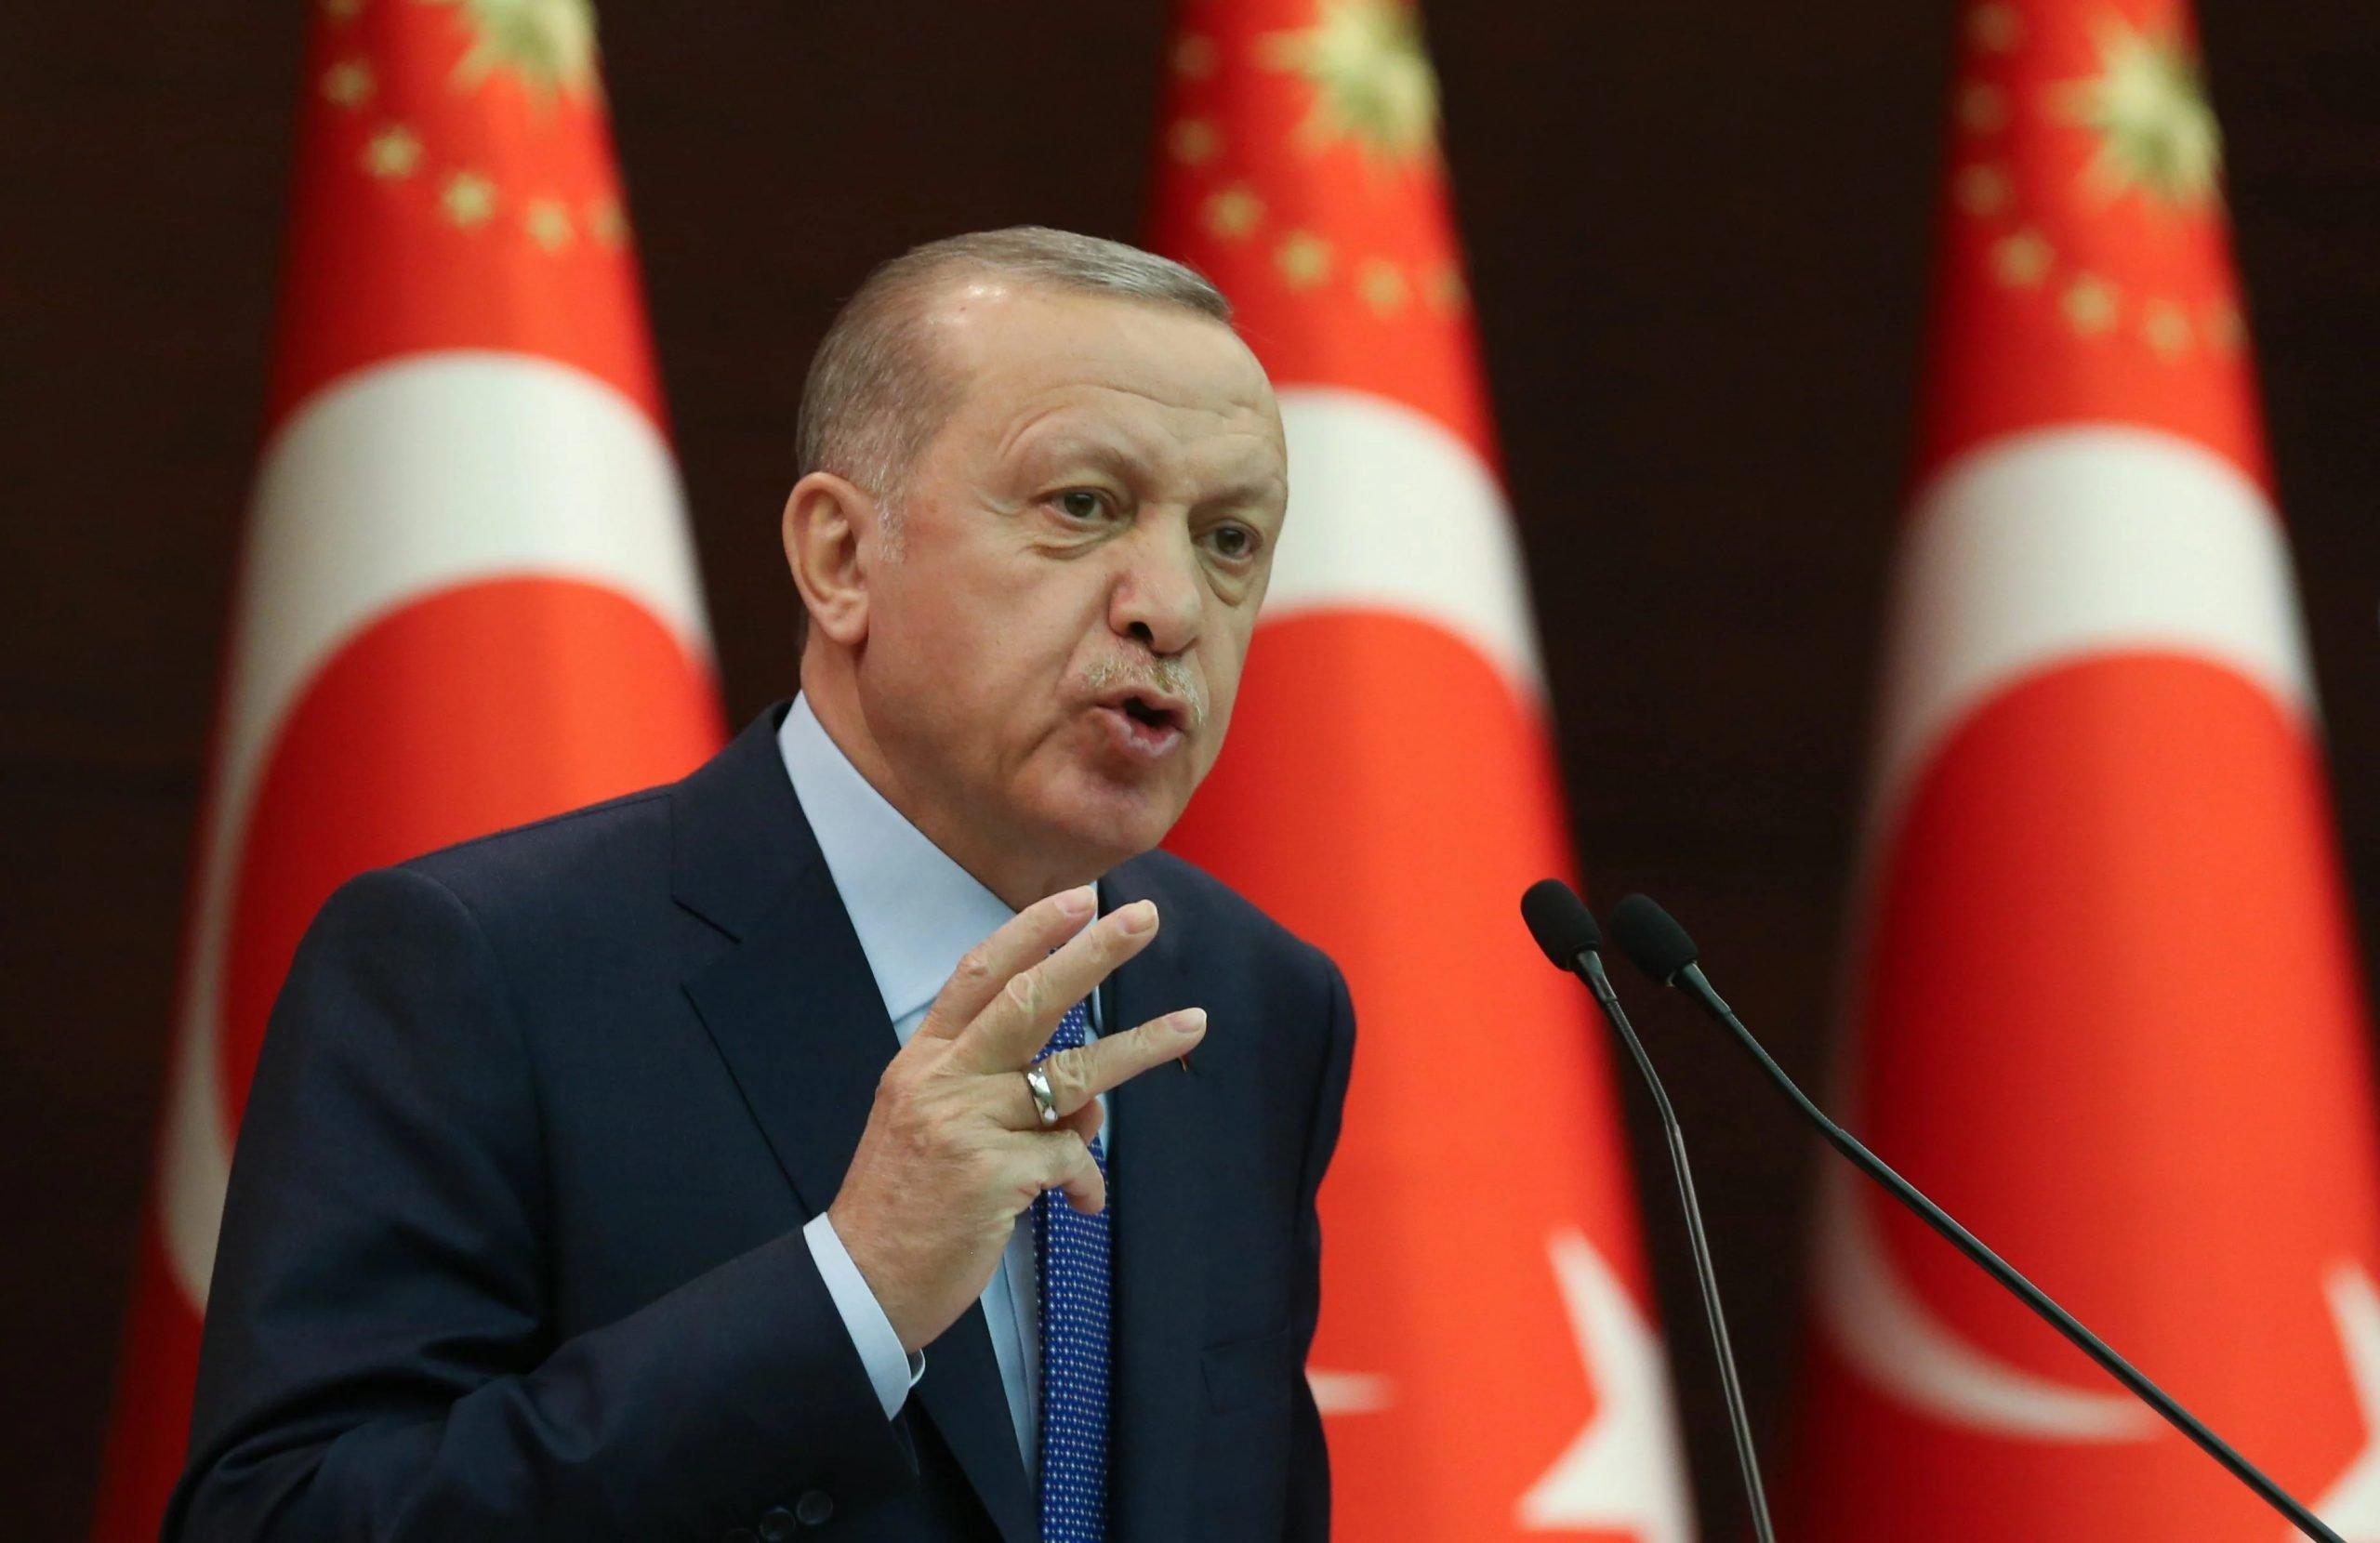 Νέα πρόκληση Ερντογάν: Λυπάμαι που ο αιγυπτιακός λαός είναι… με το ζόρι με τους Έλληνες